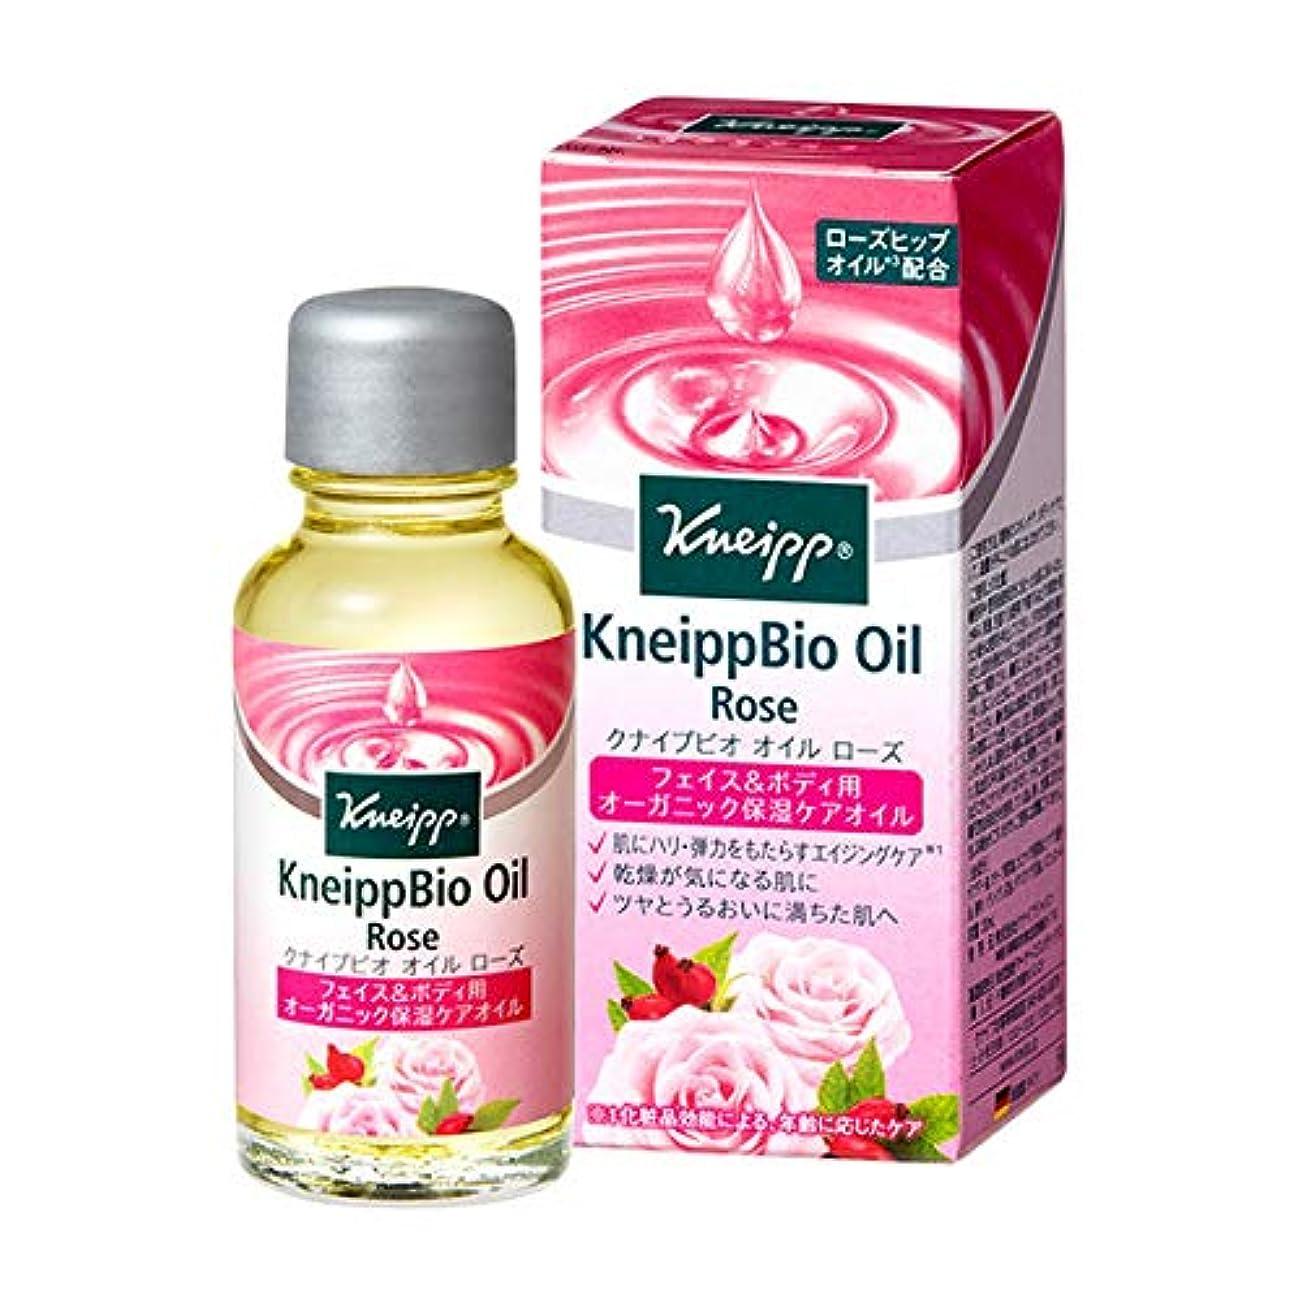 中傷接続詞化学薬品クナイプ(Kneipp) クナイプ ビオオイル ローズ 20ml 美容液 100ml